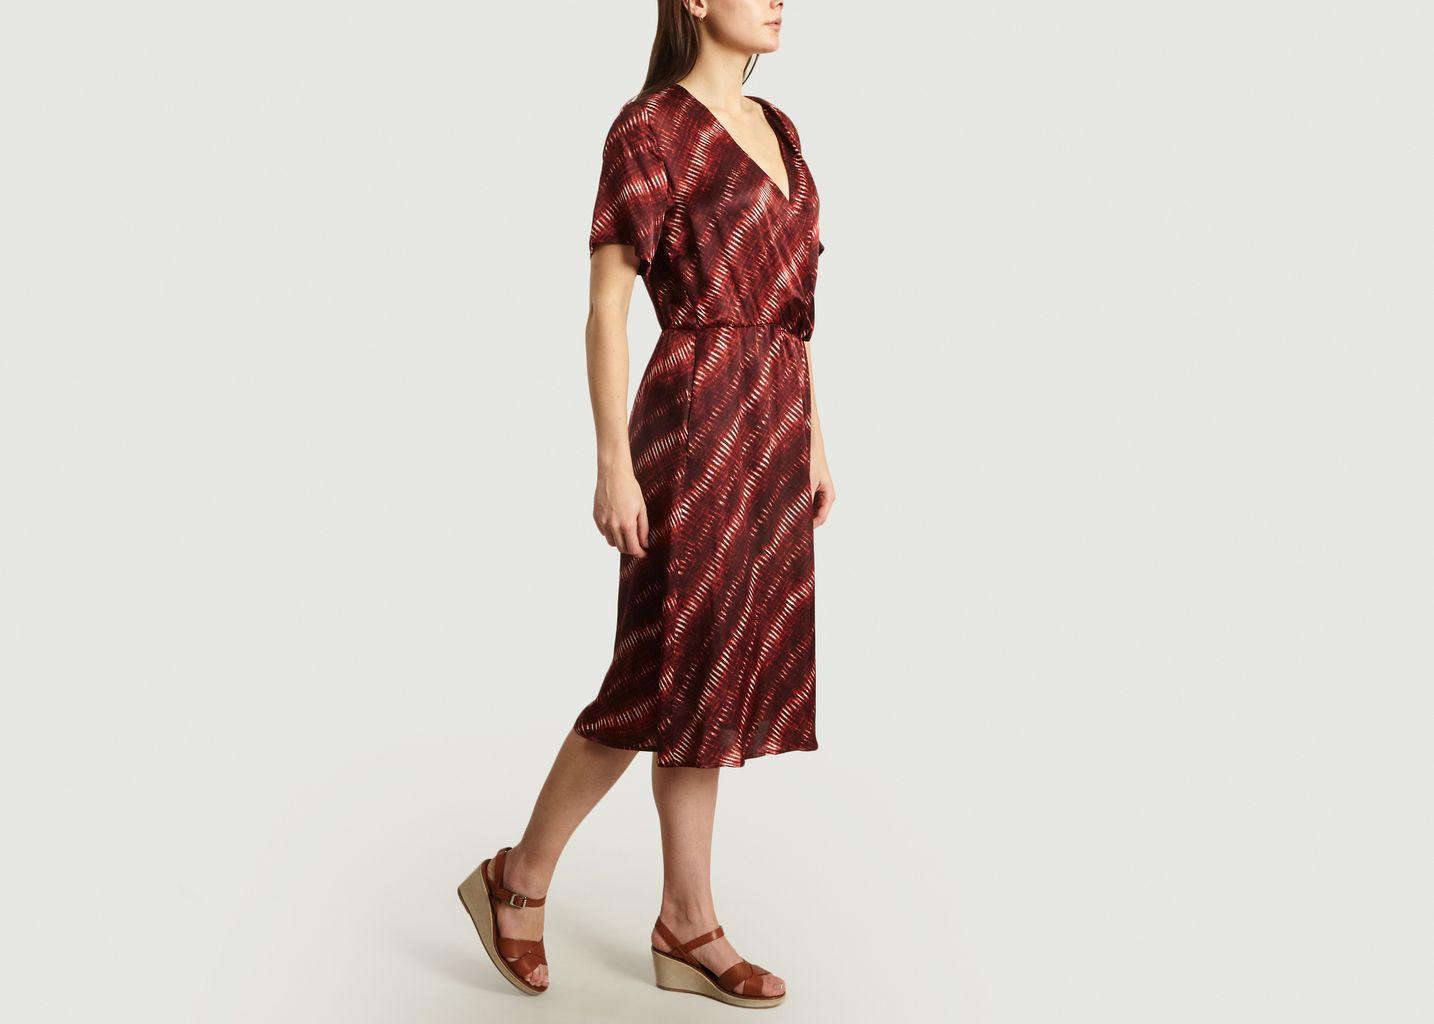 bas prix 100% de haute qualité vente chaude Robe Motif Fantaisie Renata